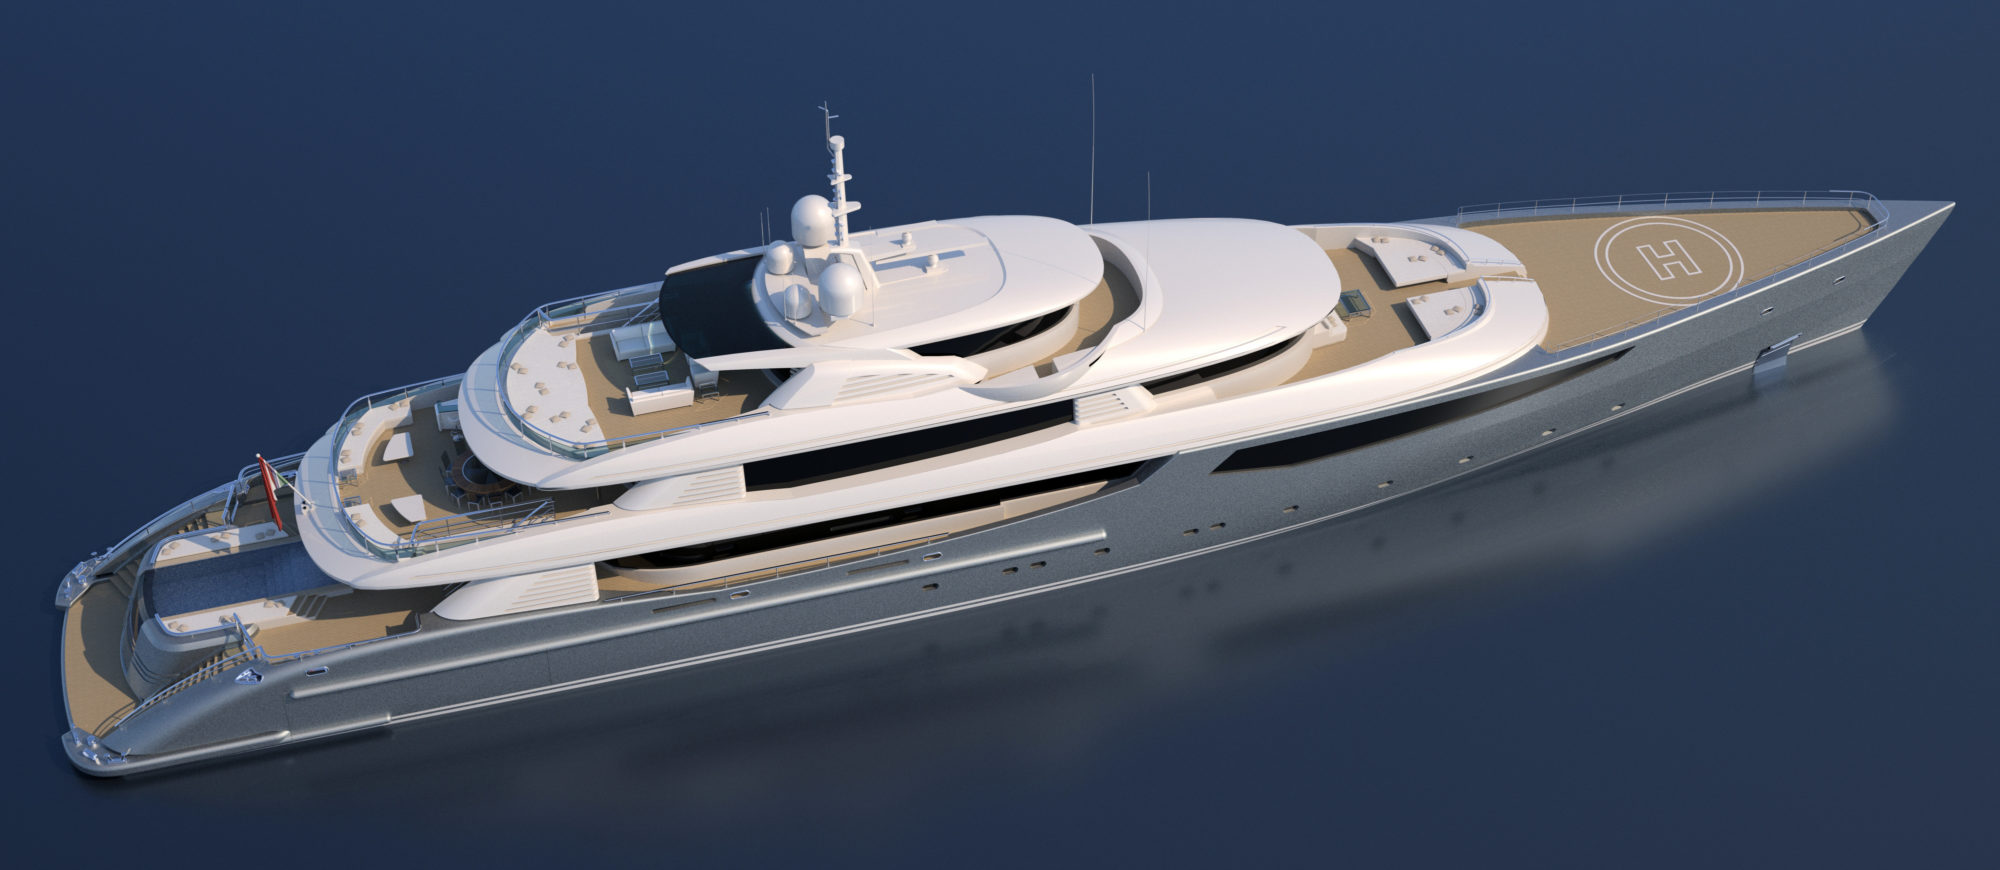 Conrad C233 Superyacht Concept Vallicelli Visualisation Exterior 4